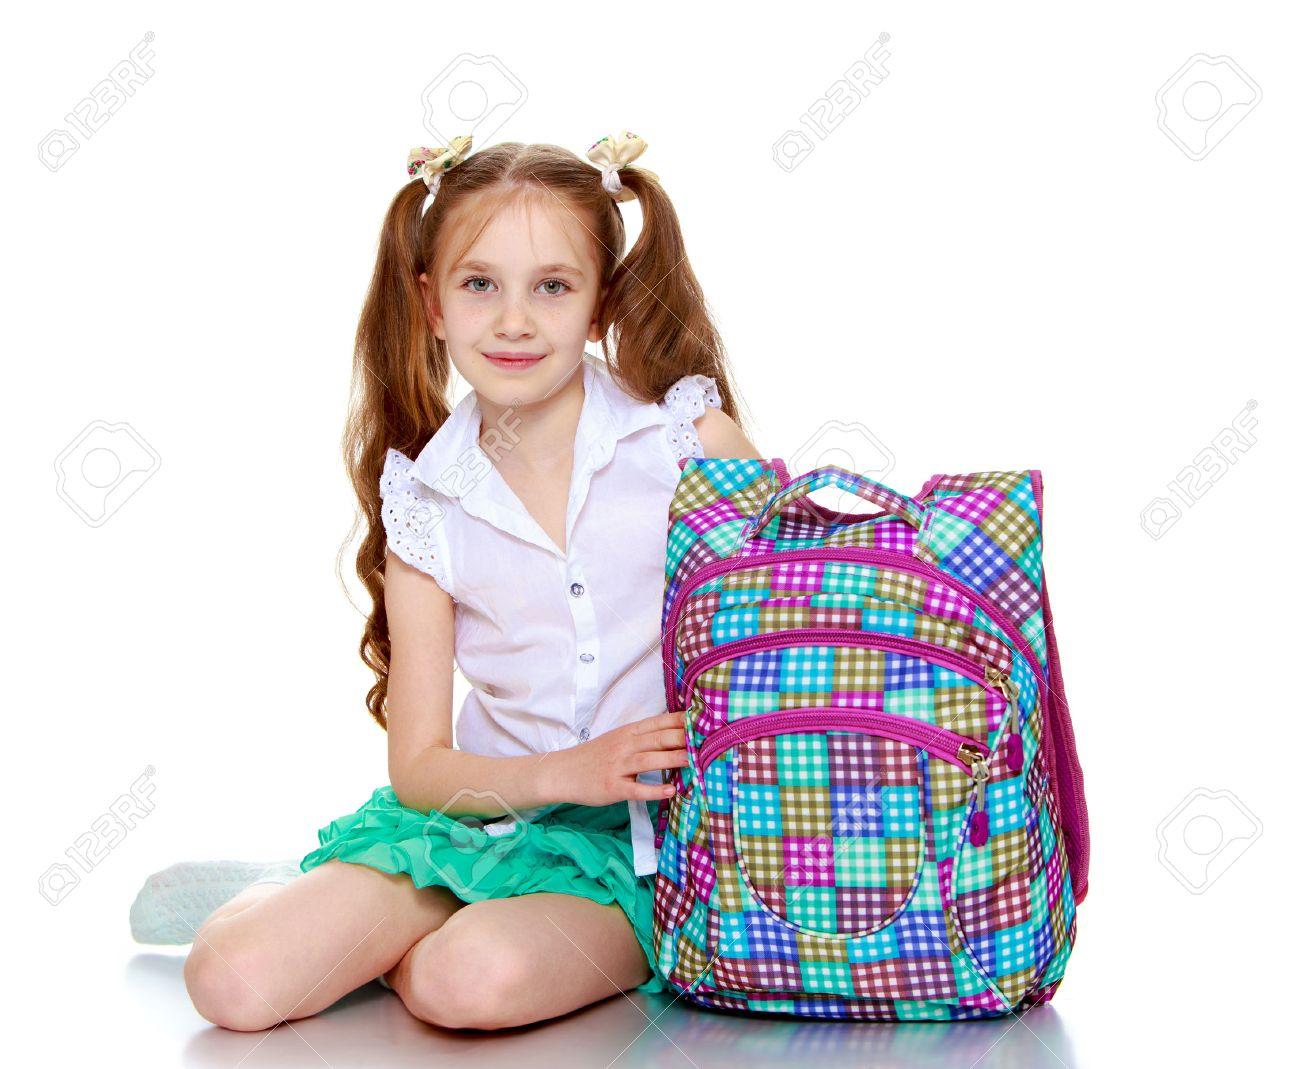 24e4188cc1a28 Banque d images - Cute petite fille dans une jupe verte courte et blouse  blanche tenant une école sac isolé sur fond blanc